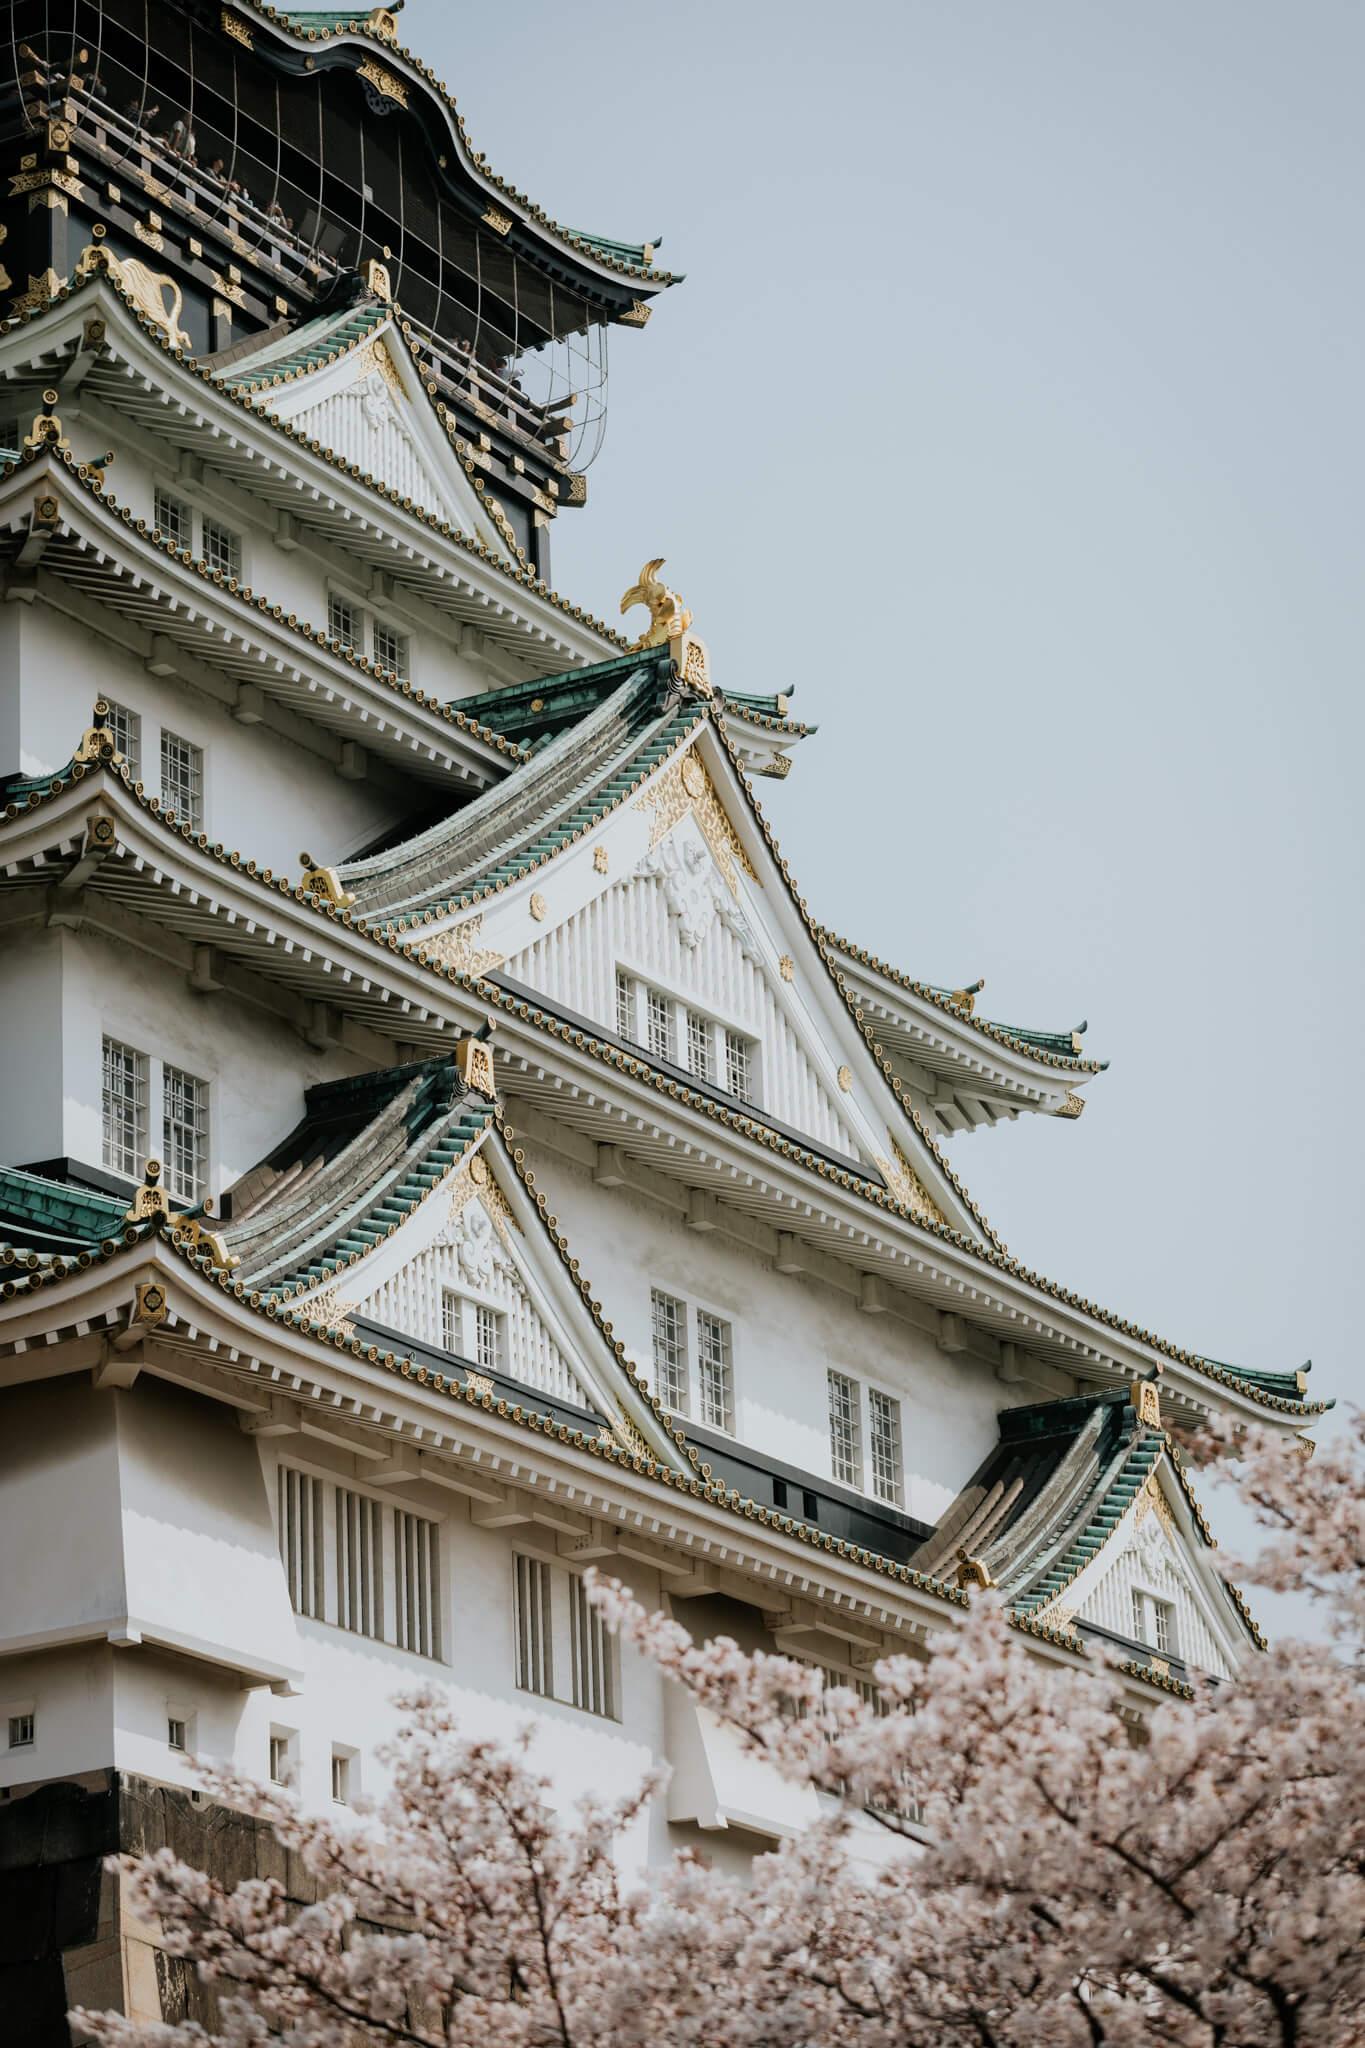 Japan-Travel-Photography-Natalie-Skoric-23.jpg